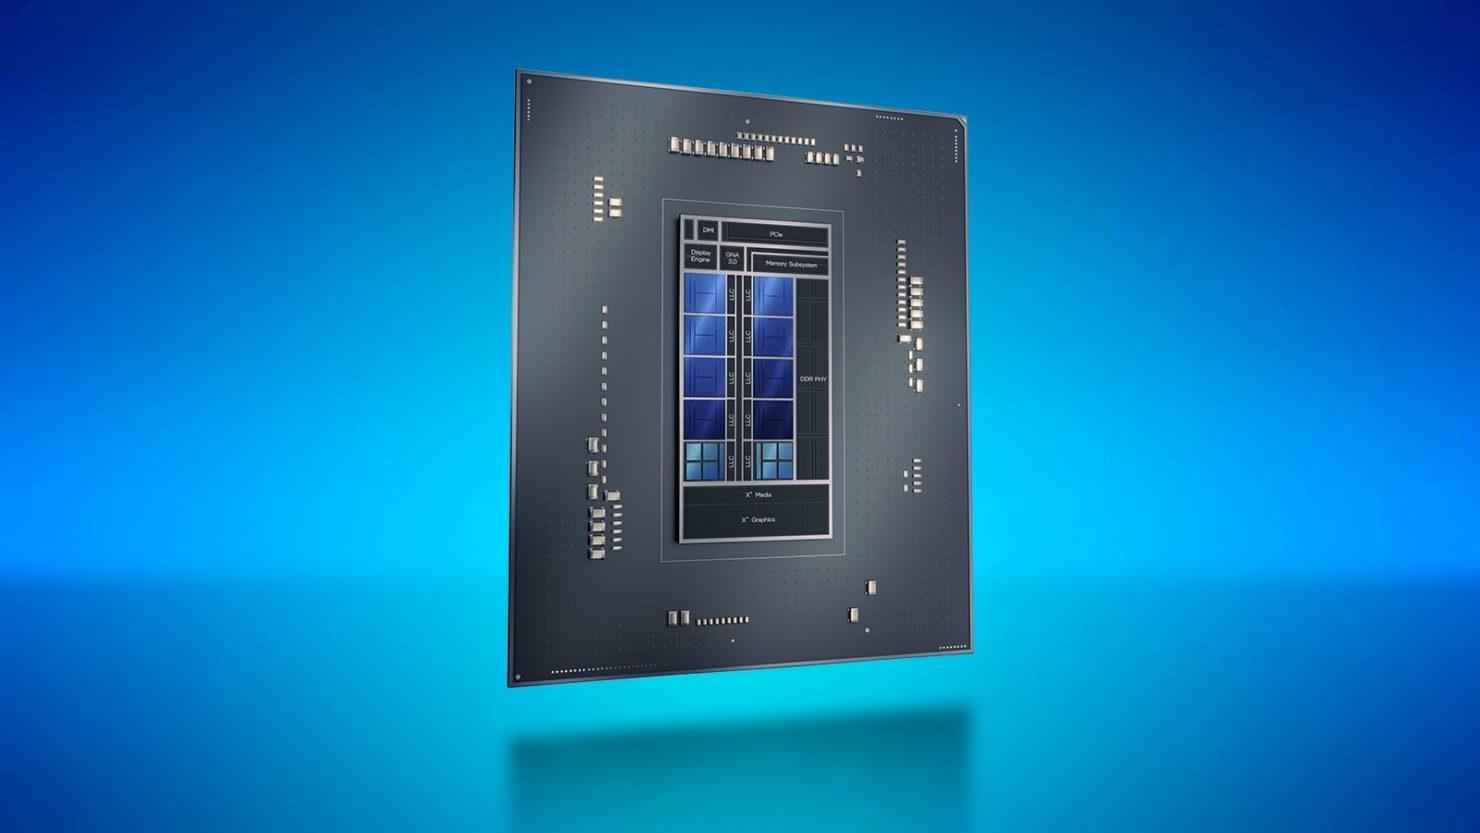 CPU Intel Core i7-12700 Alder Lake hasta un 15% más rápido que Ryzen 7 5800X en los últimos puntos de referencia de subprocesos múltiples